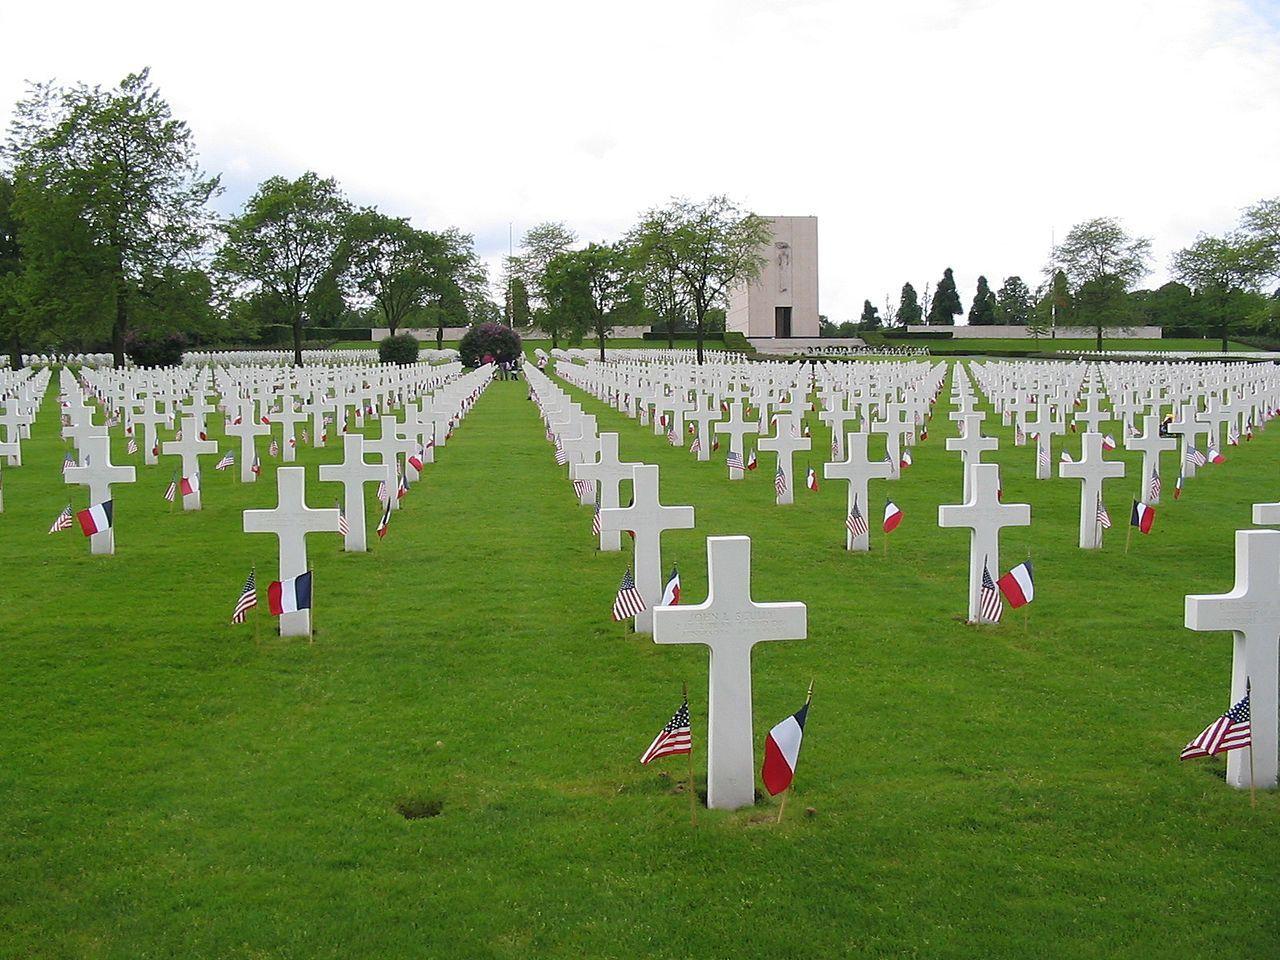 Cimetière américain de Romagne-sous-Montfaucon, Lorraine, France. 14246 Américains ayant combattu pendant la Première Guerre mondiale y sont enterrés.